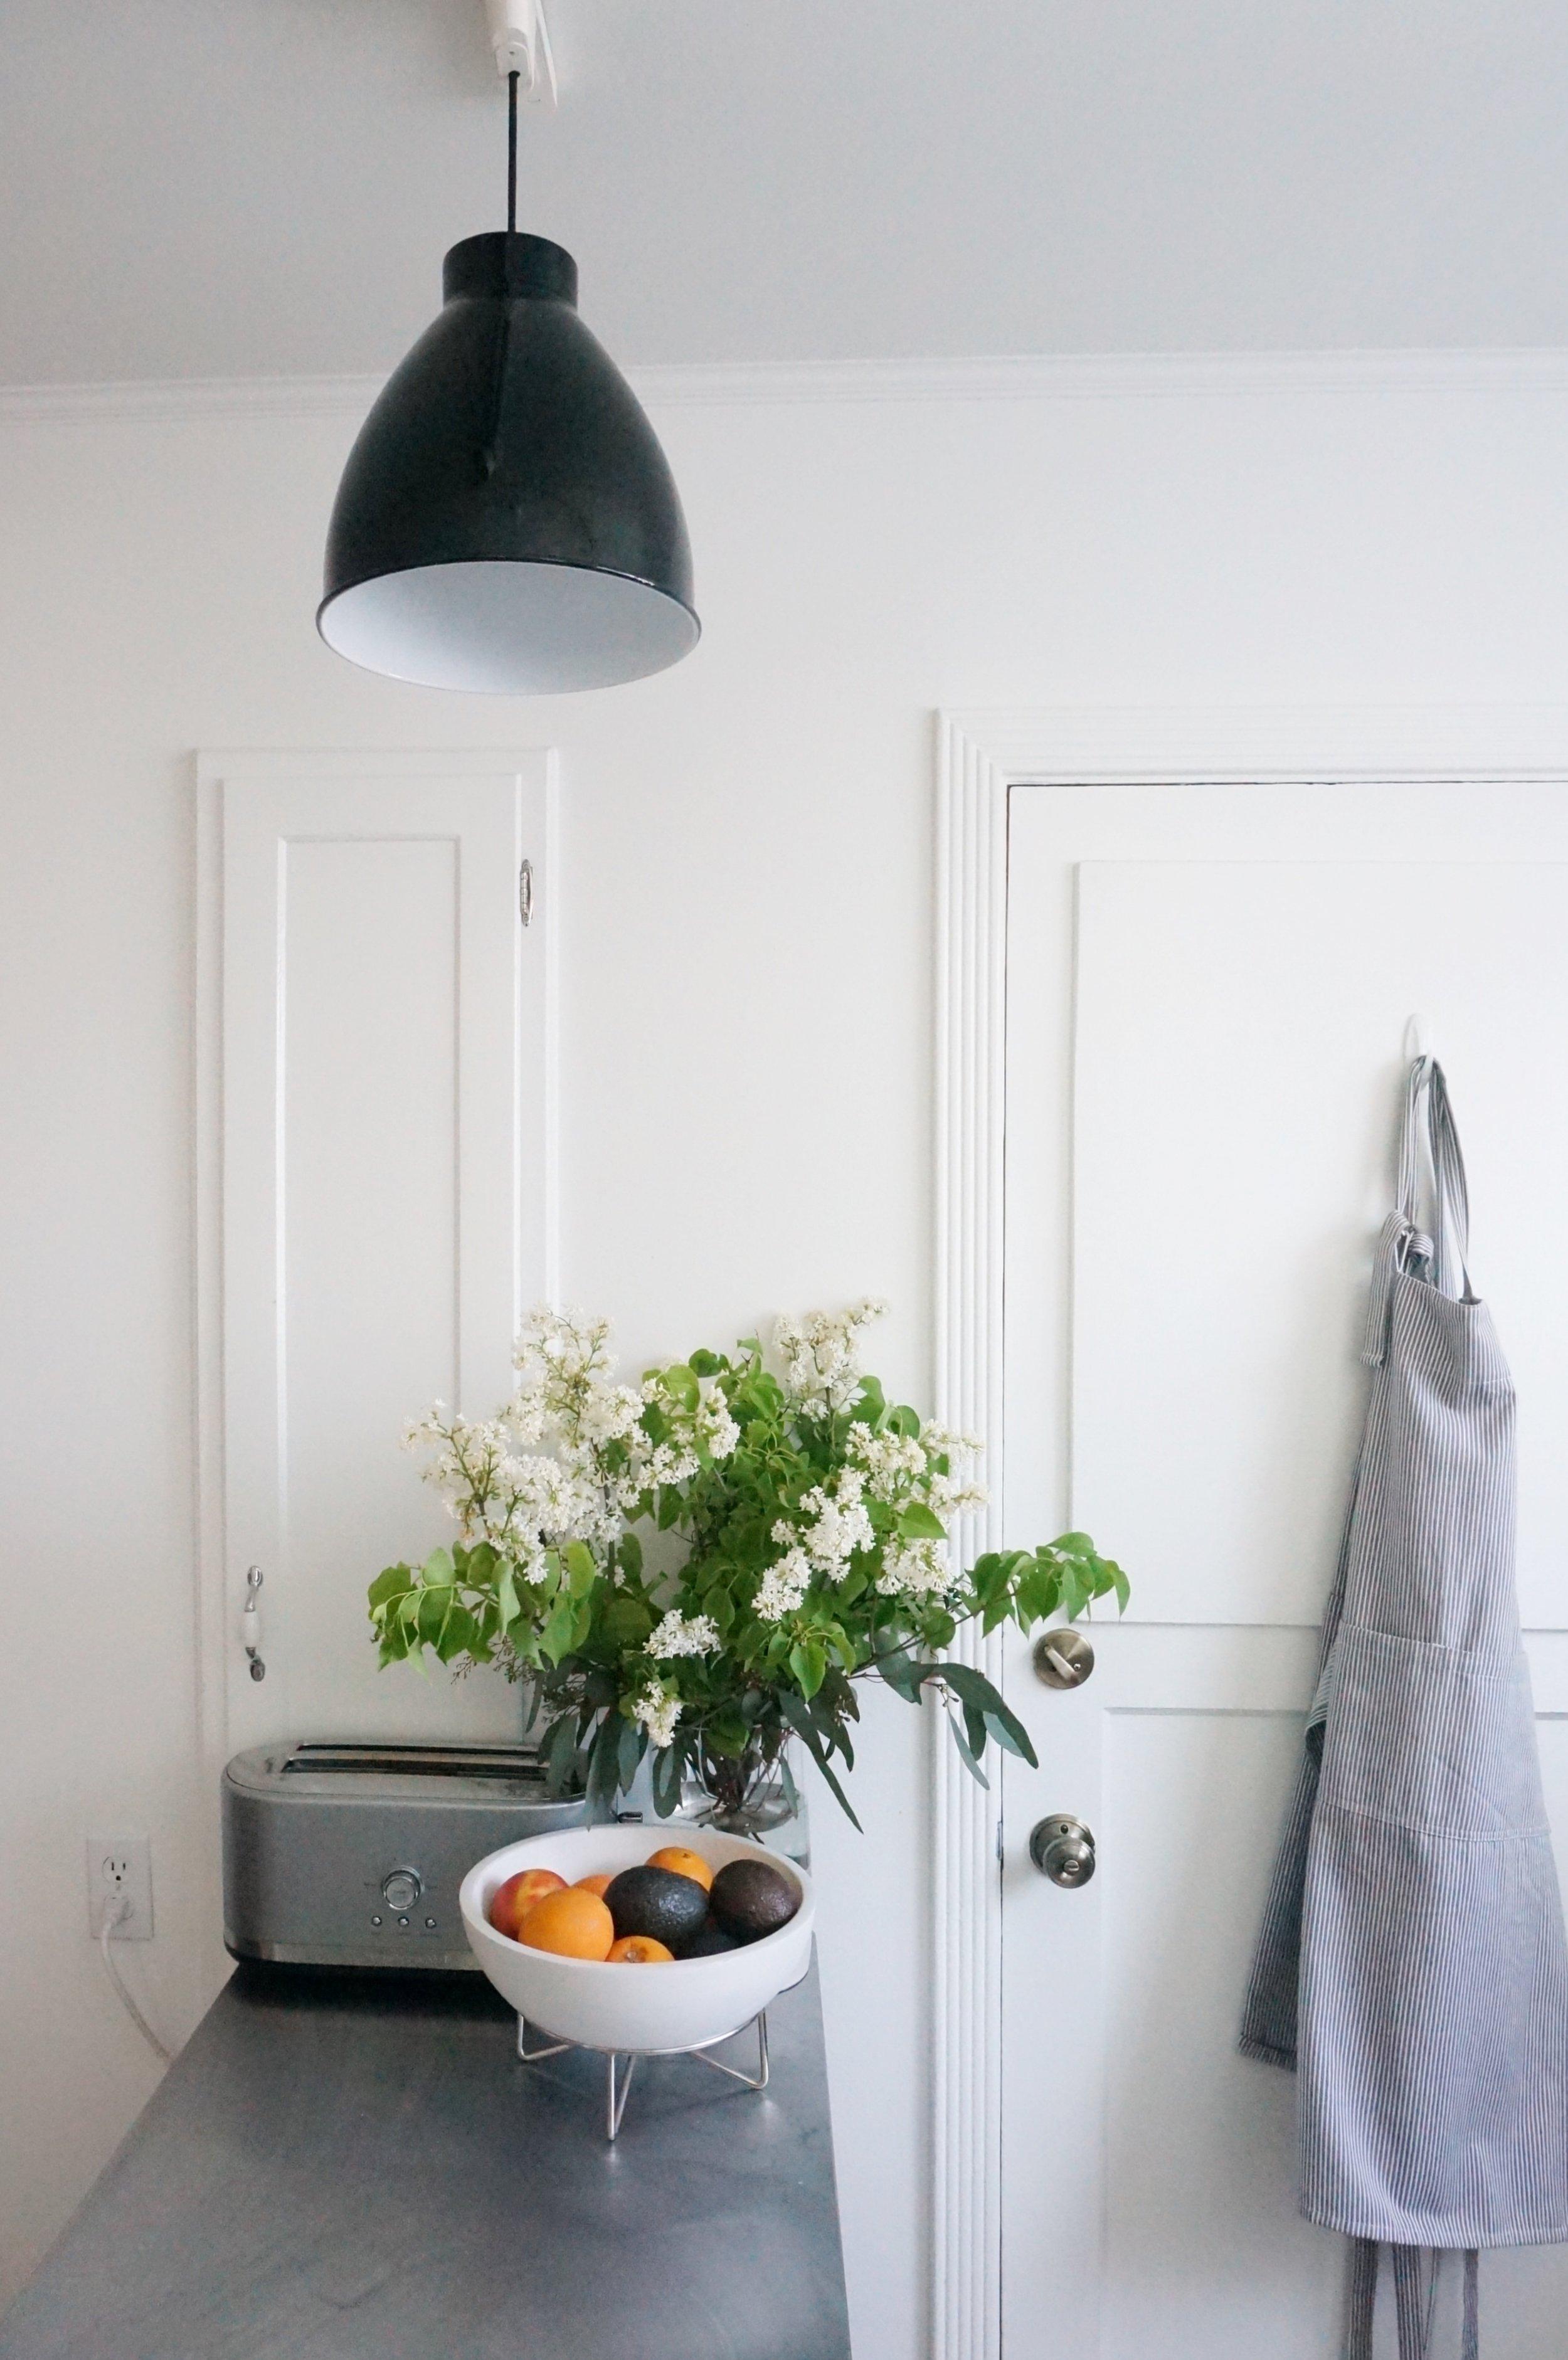 Studio-Chu-Apartment-17-Kitchen-1.jpg